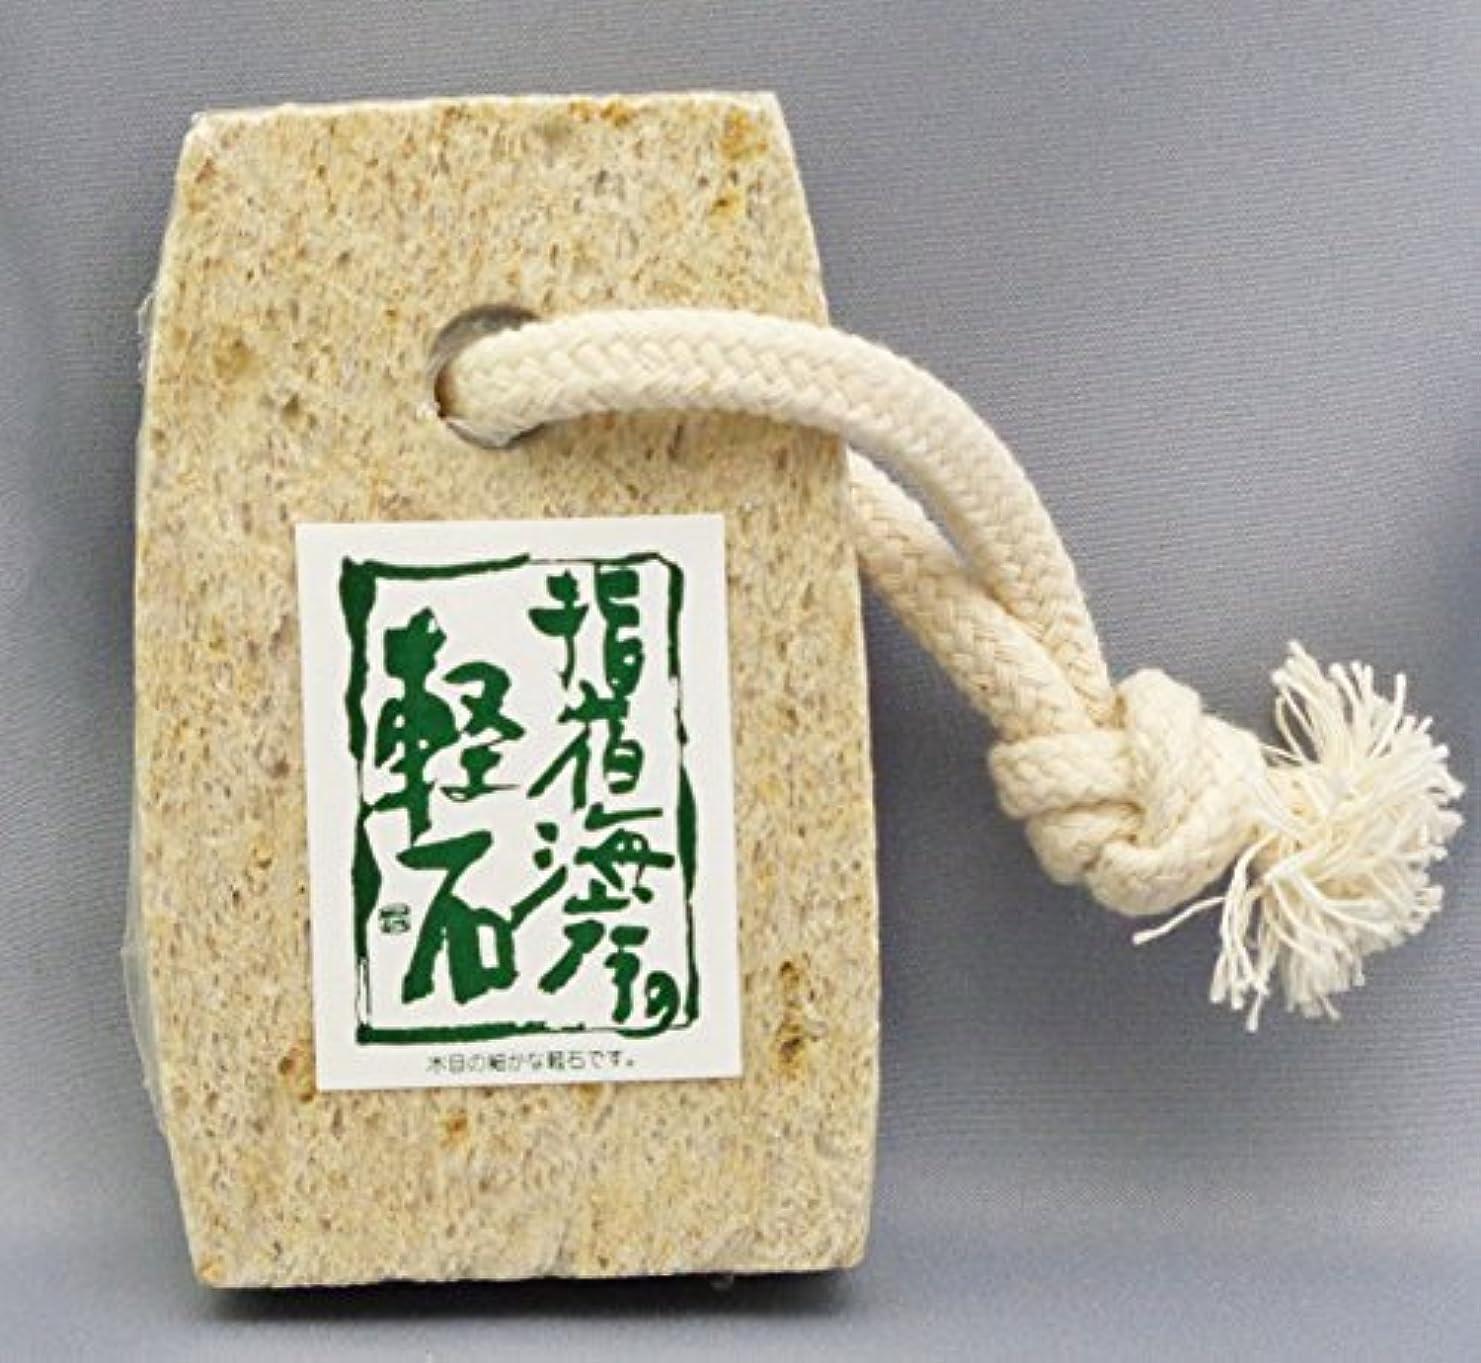 資産麻痺させる写真のシオザキ No.3 中判軽石 (ヒモ付き)指宿の軽石